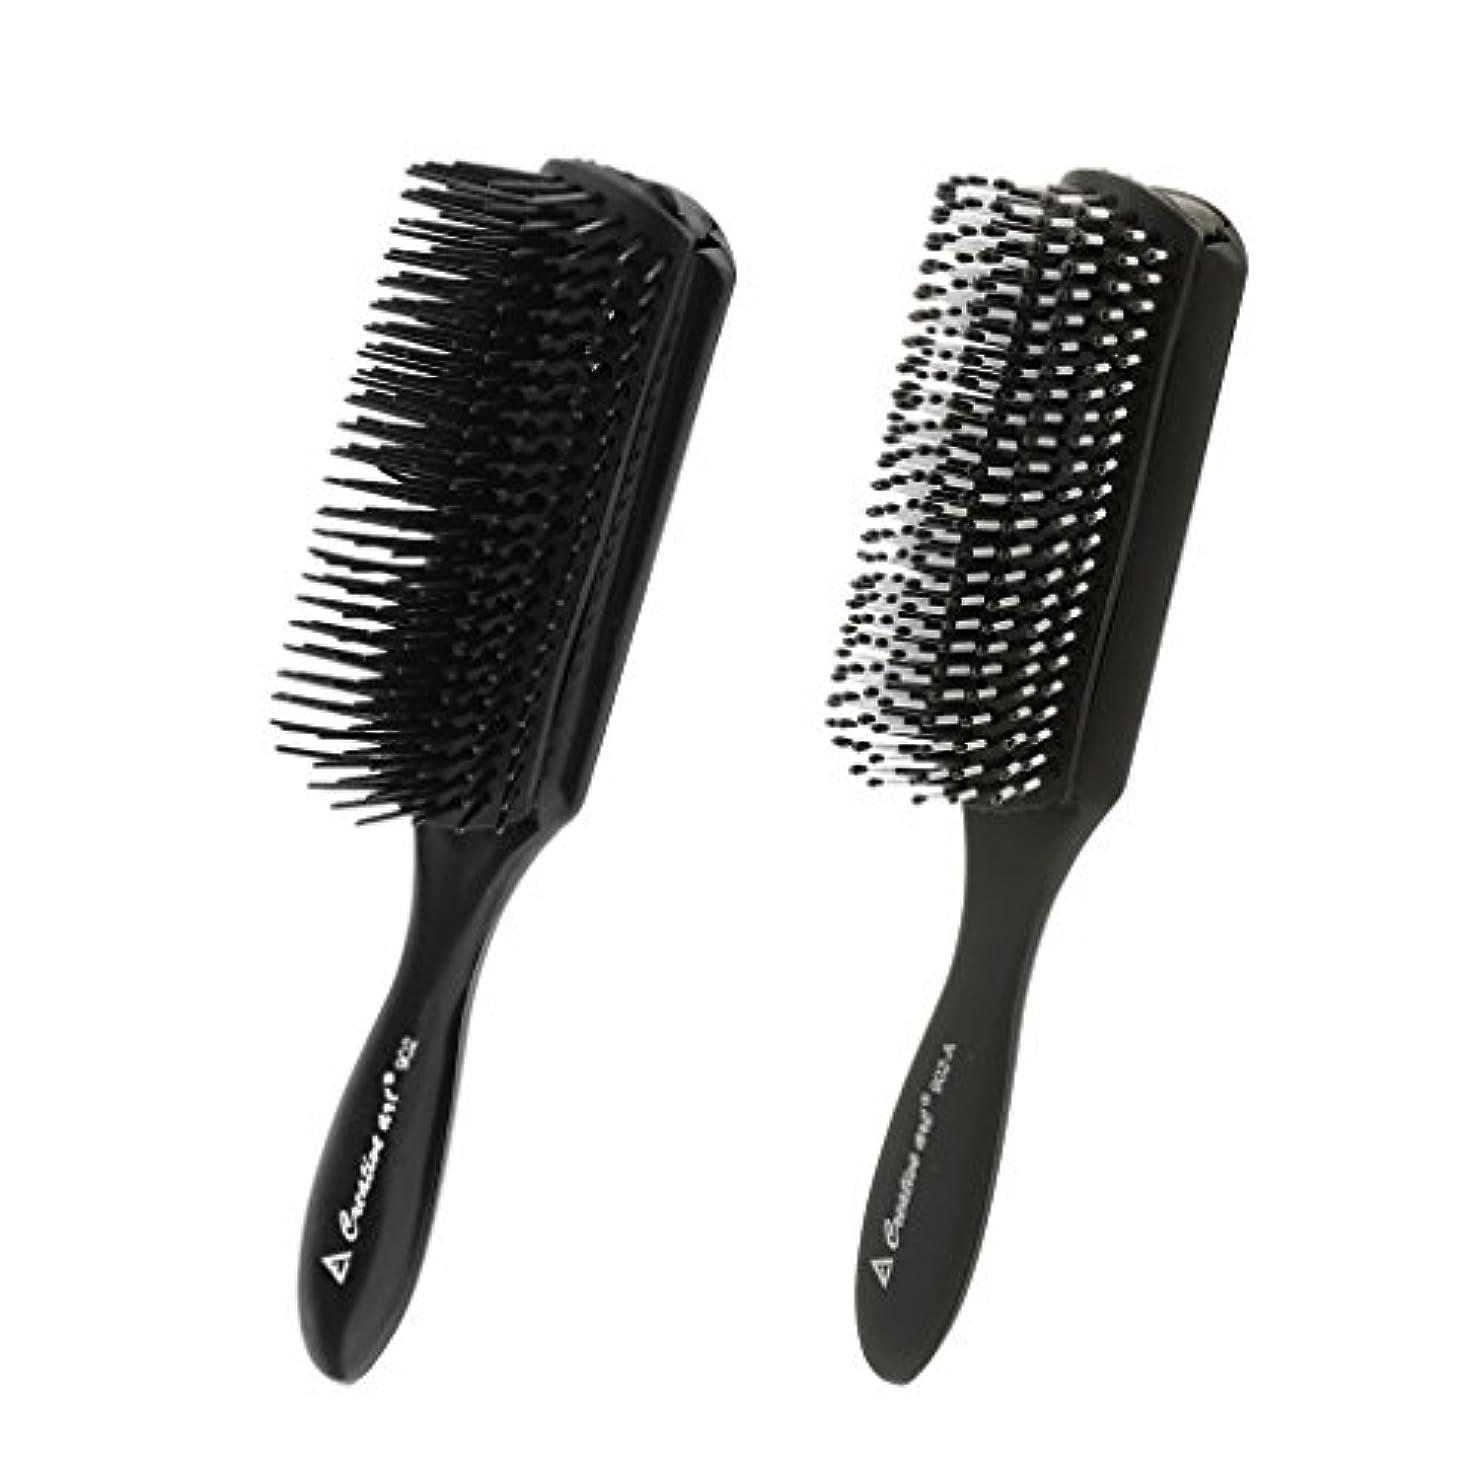 岸辛な気性Toygogo 2ピース調整可能なヘアブラシ帯電防止櫛プロ理髪ヘアブラシスタイリングツール頭皮マッサージ